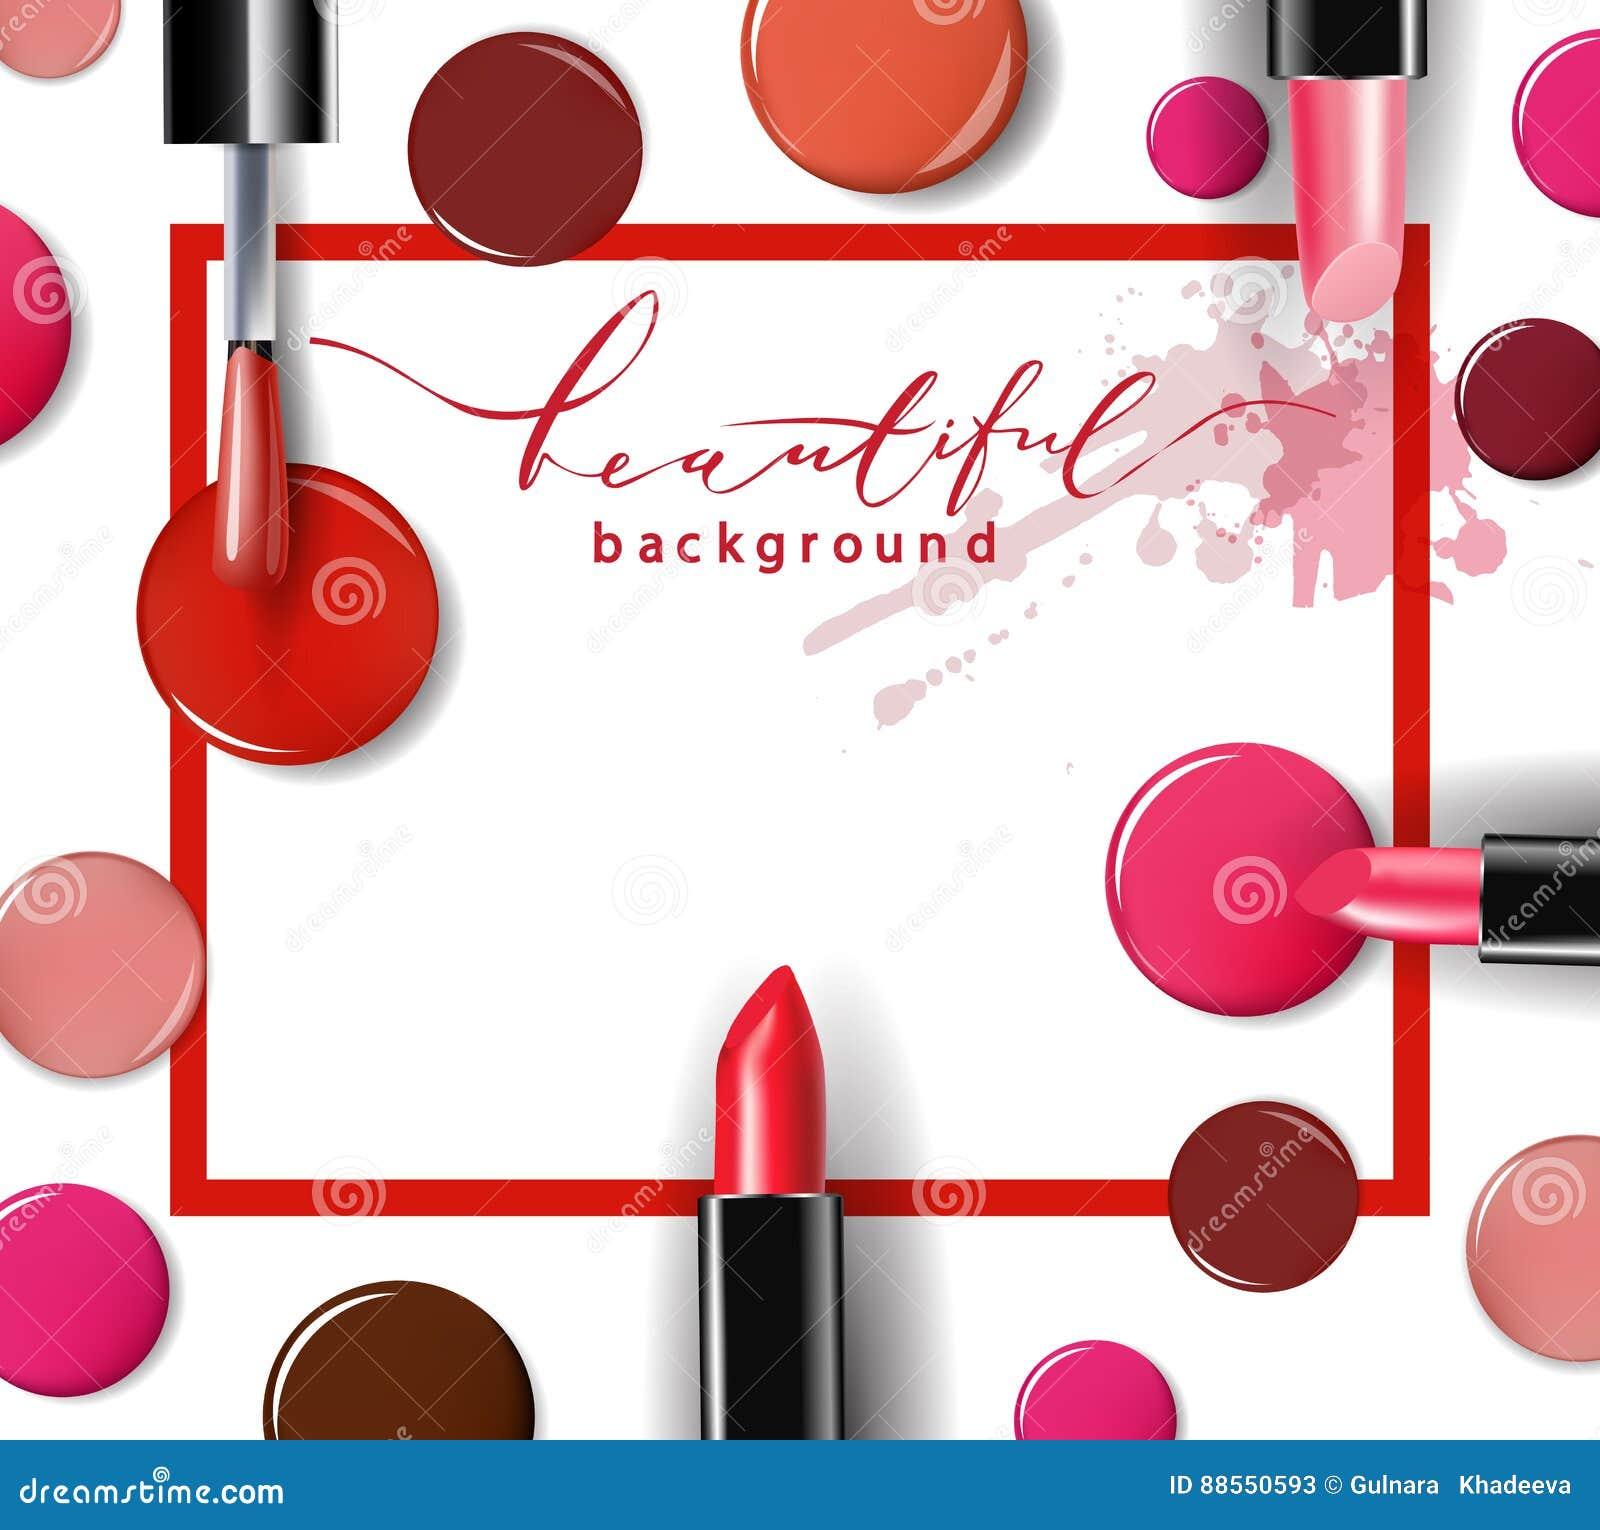 化妆用品和时尚背景与组成艺术家对象:唇膏, ip光泽,指甲油 模板传染媒介